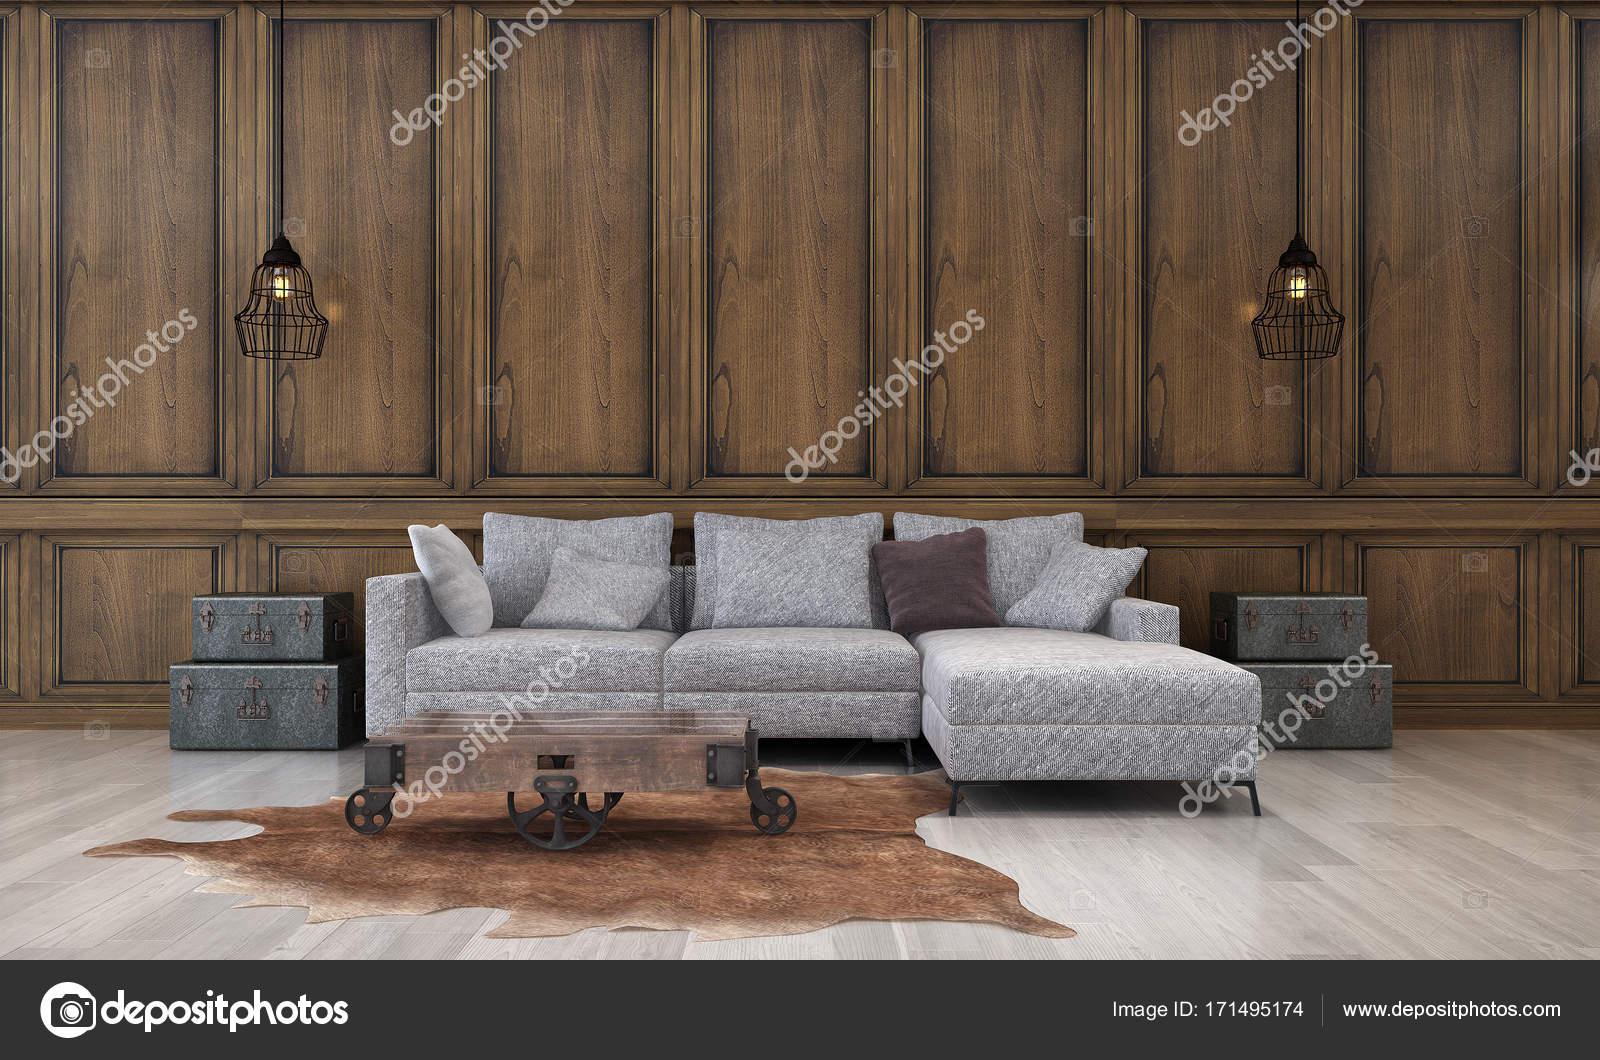 Die Innenarchitektur Konzeptidee Luxus Wohnzimmer Und Holz Muster